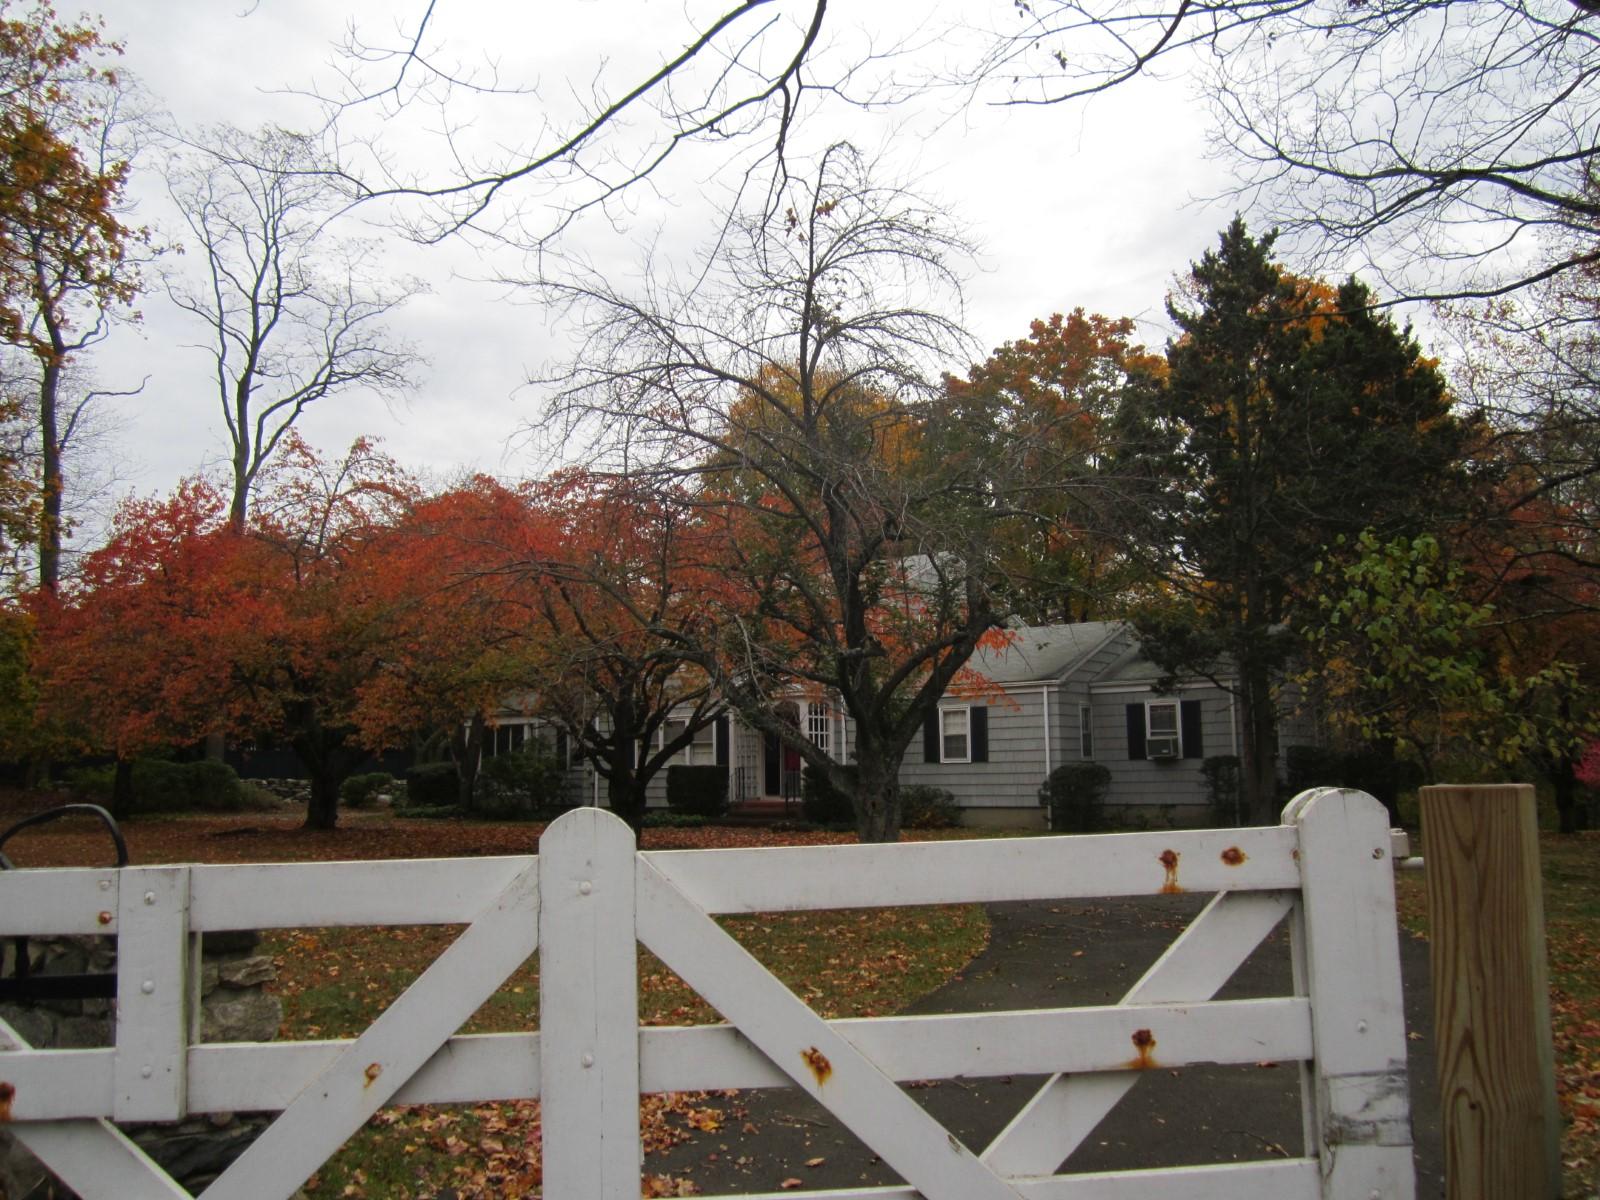 Maison unifamiliale pour l Vente à Excellent Location 743 Lake Avenue South Of Parkway, Greenwich, Connecticut 06830 États-Unis